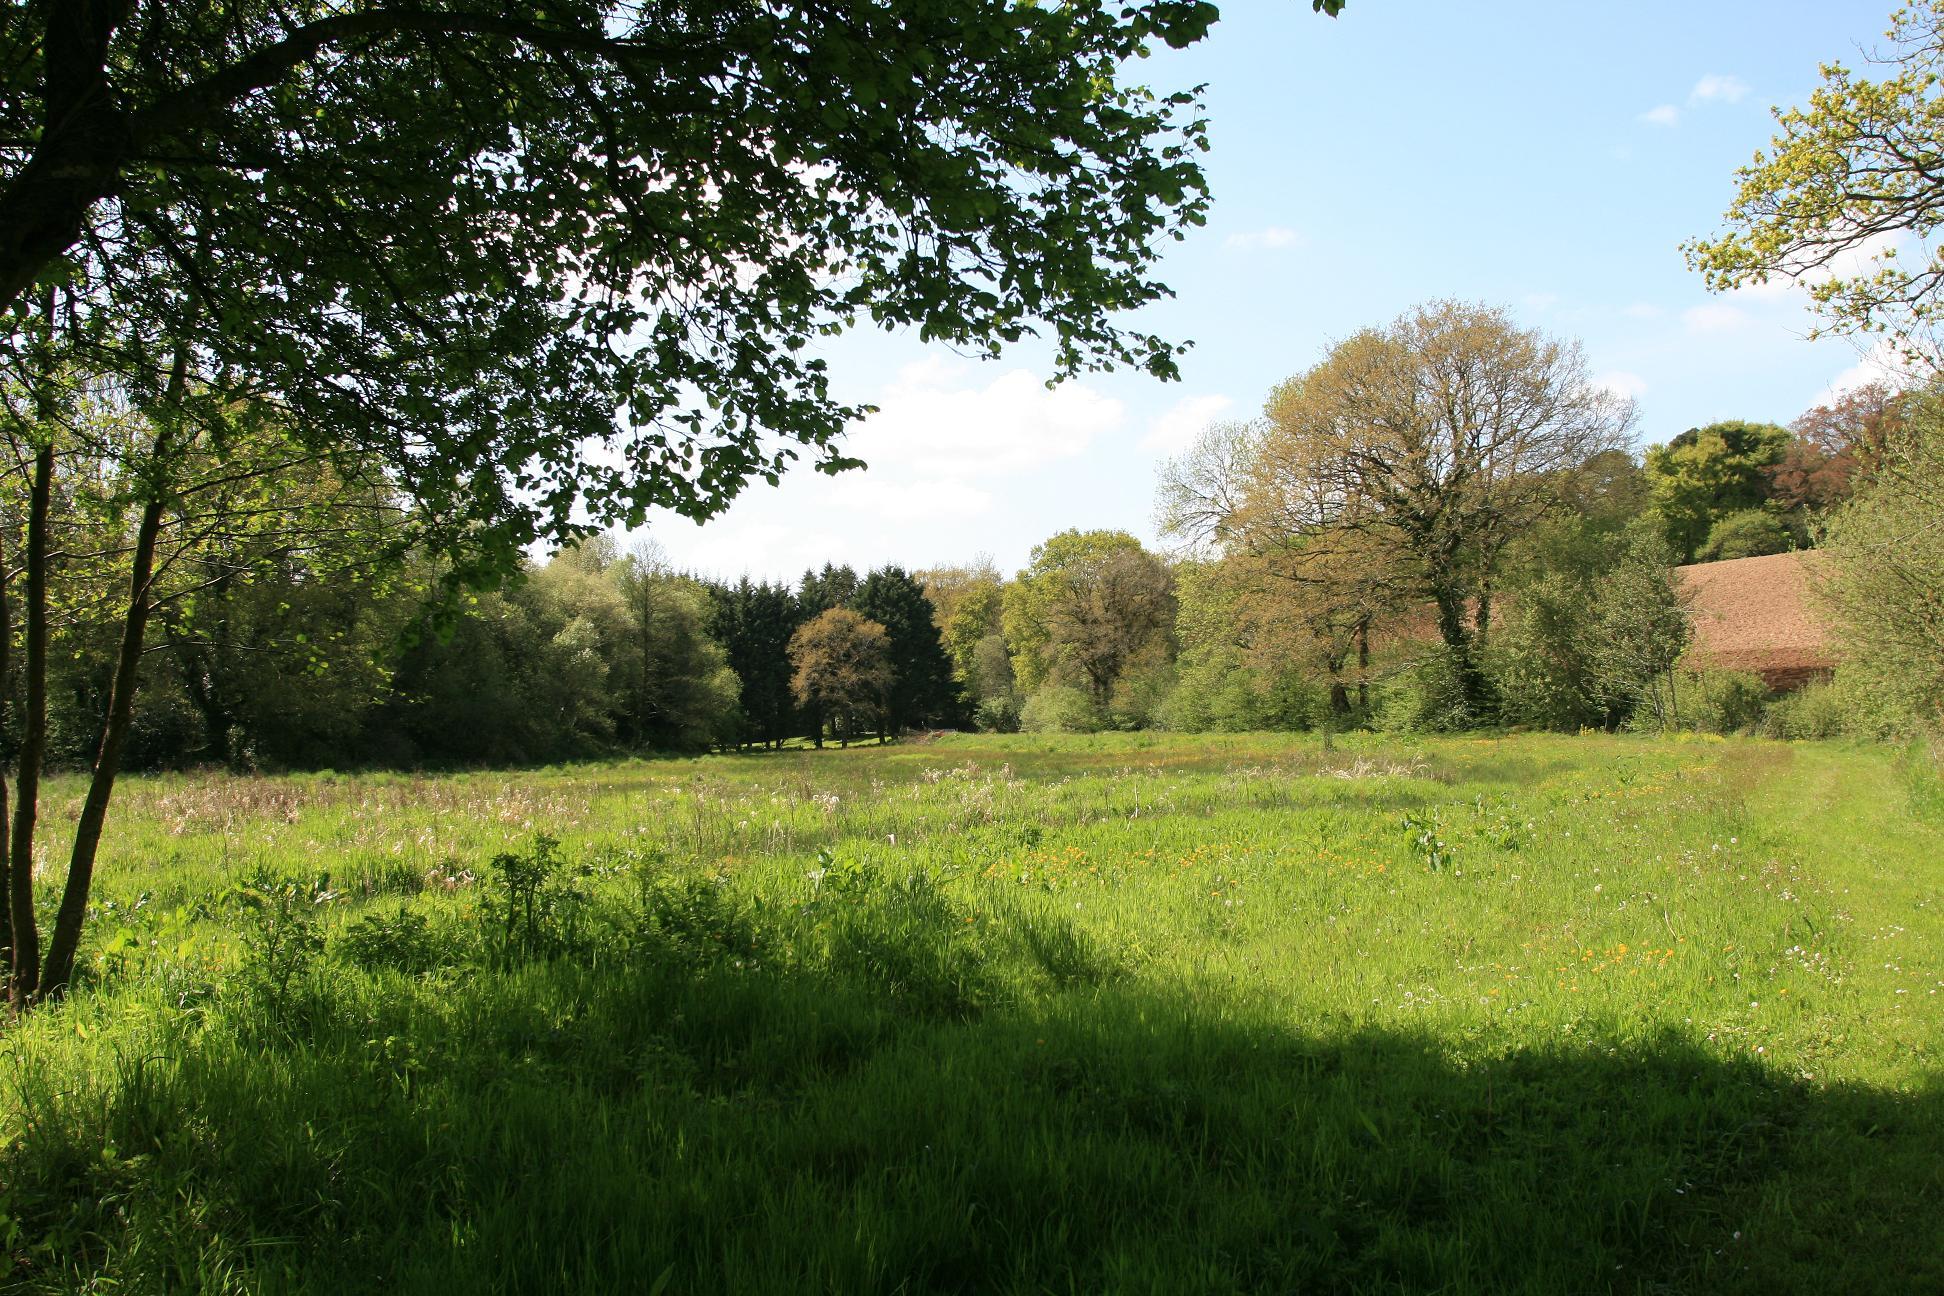 champs et arbres au printemps